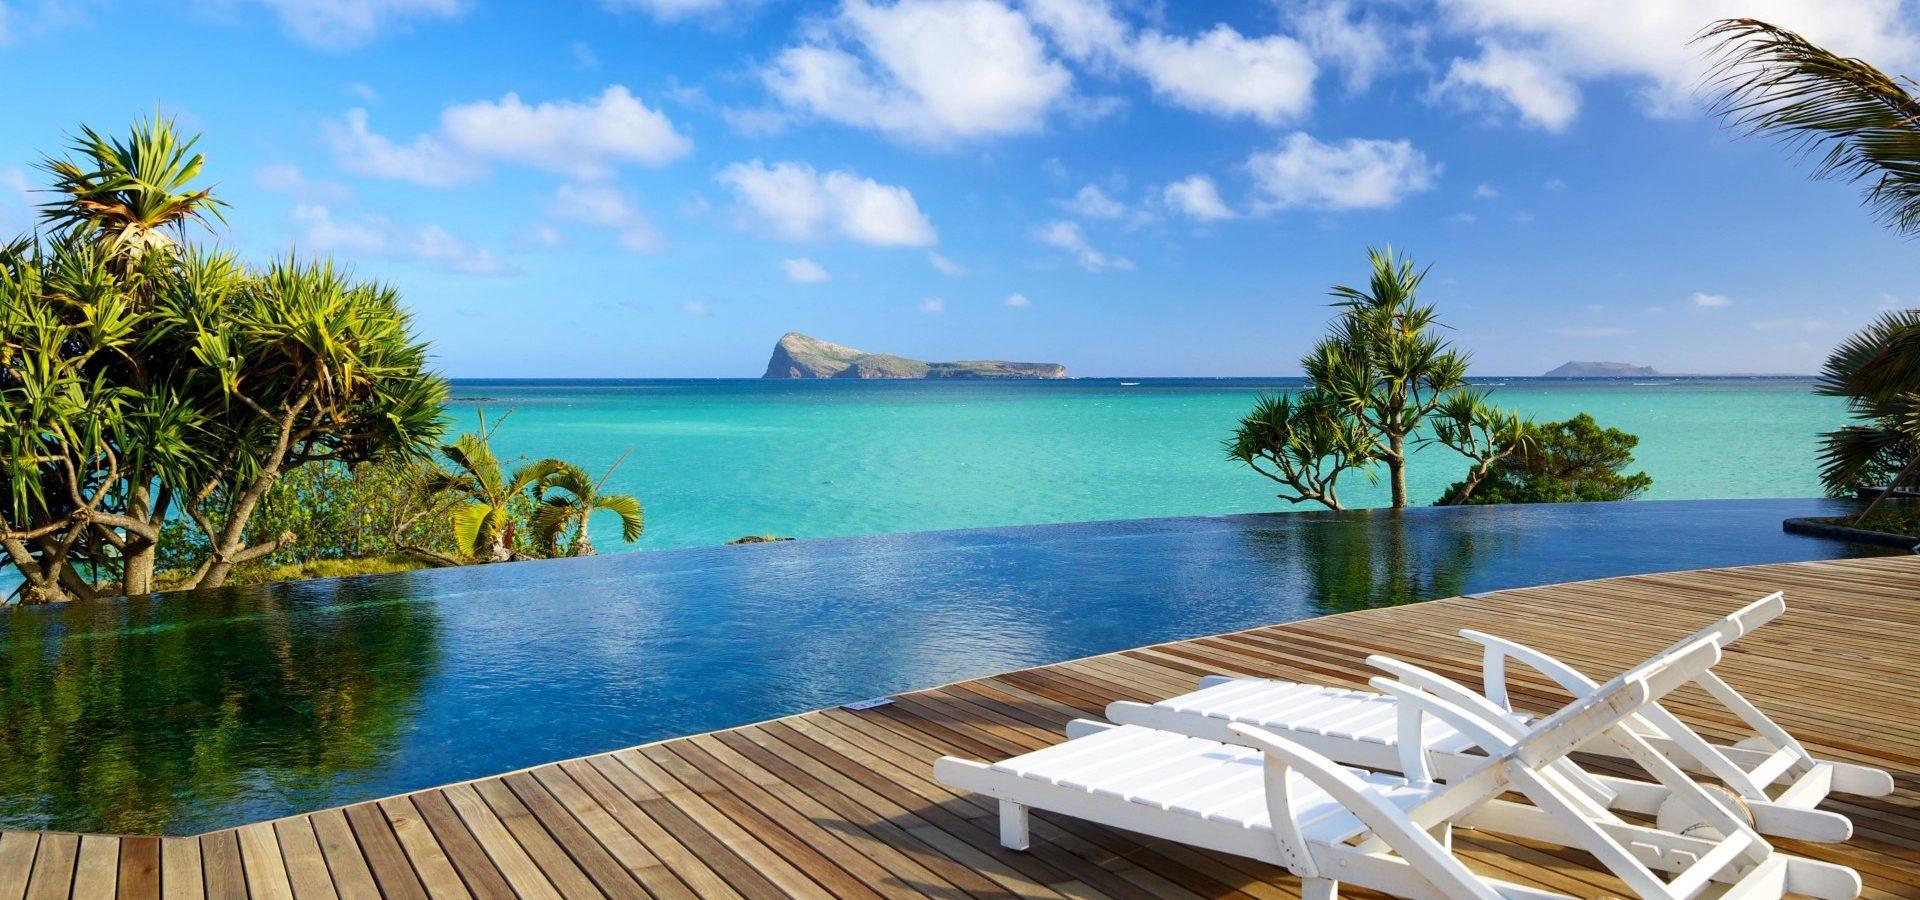 vjencanje-na-mauritiusuhotel-beachcomber-shandrani-resort-spa-5-8fe2c5f4-17bc-4bb9-a593-66297b2da33a